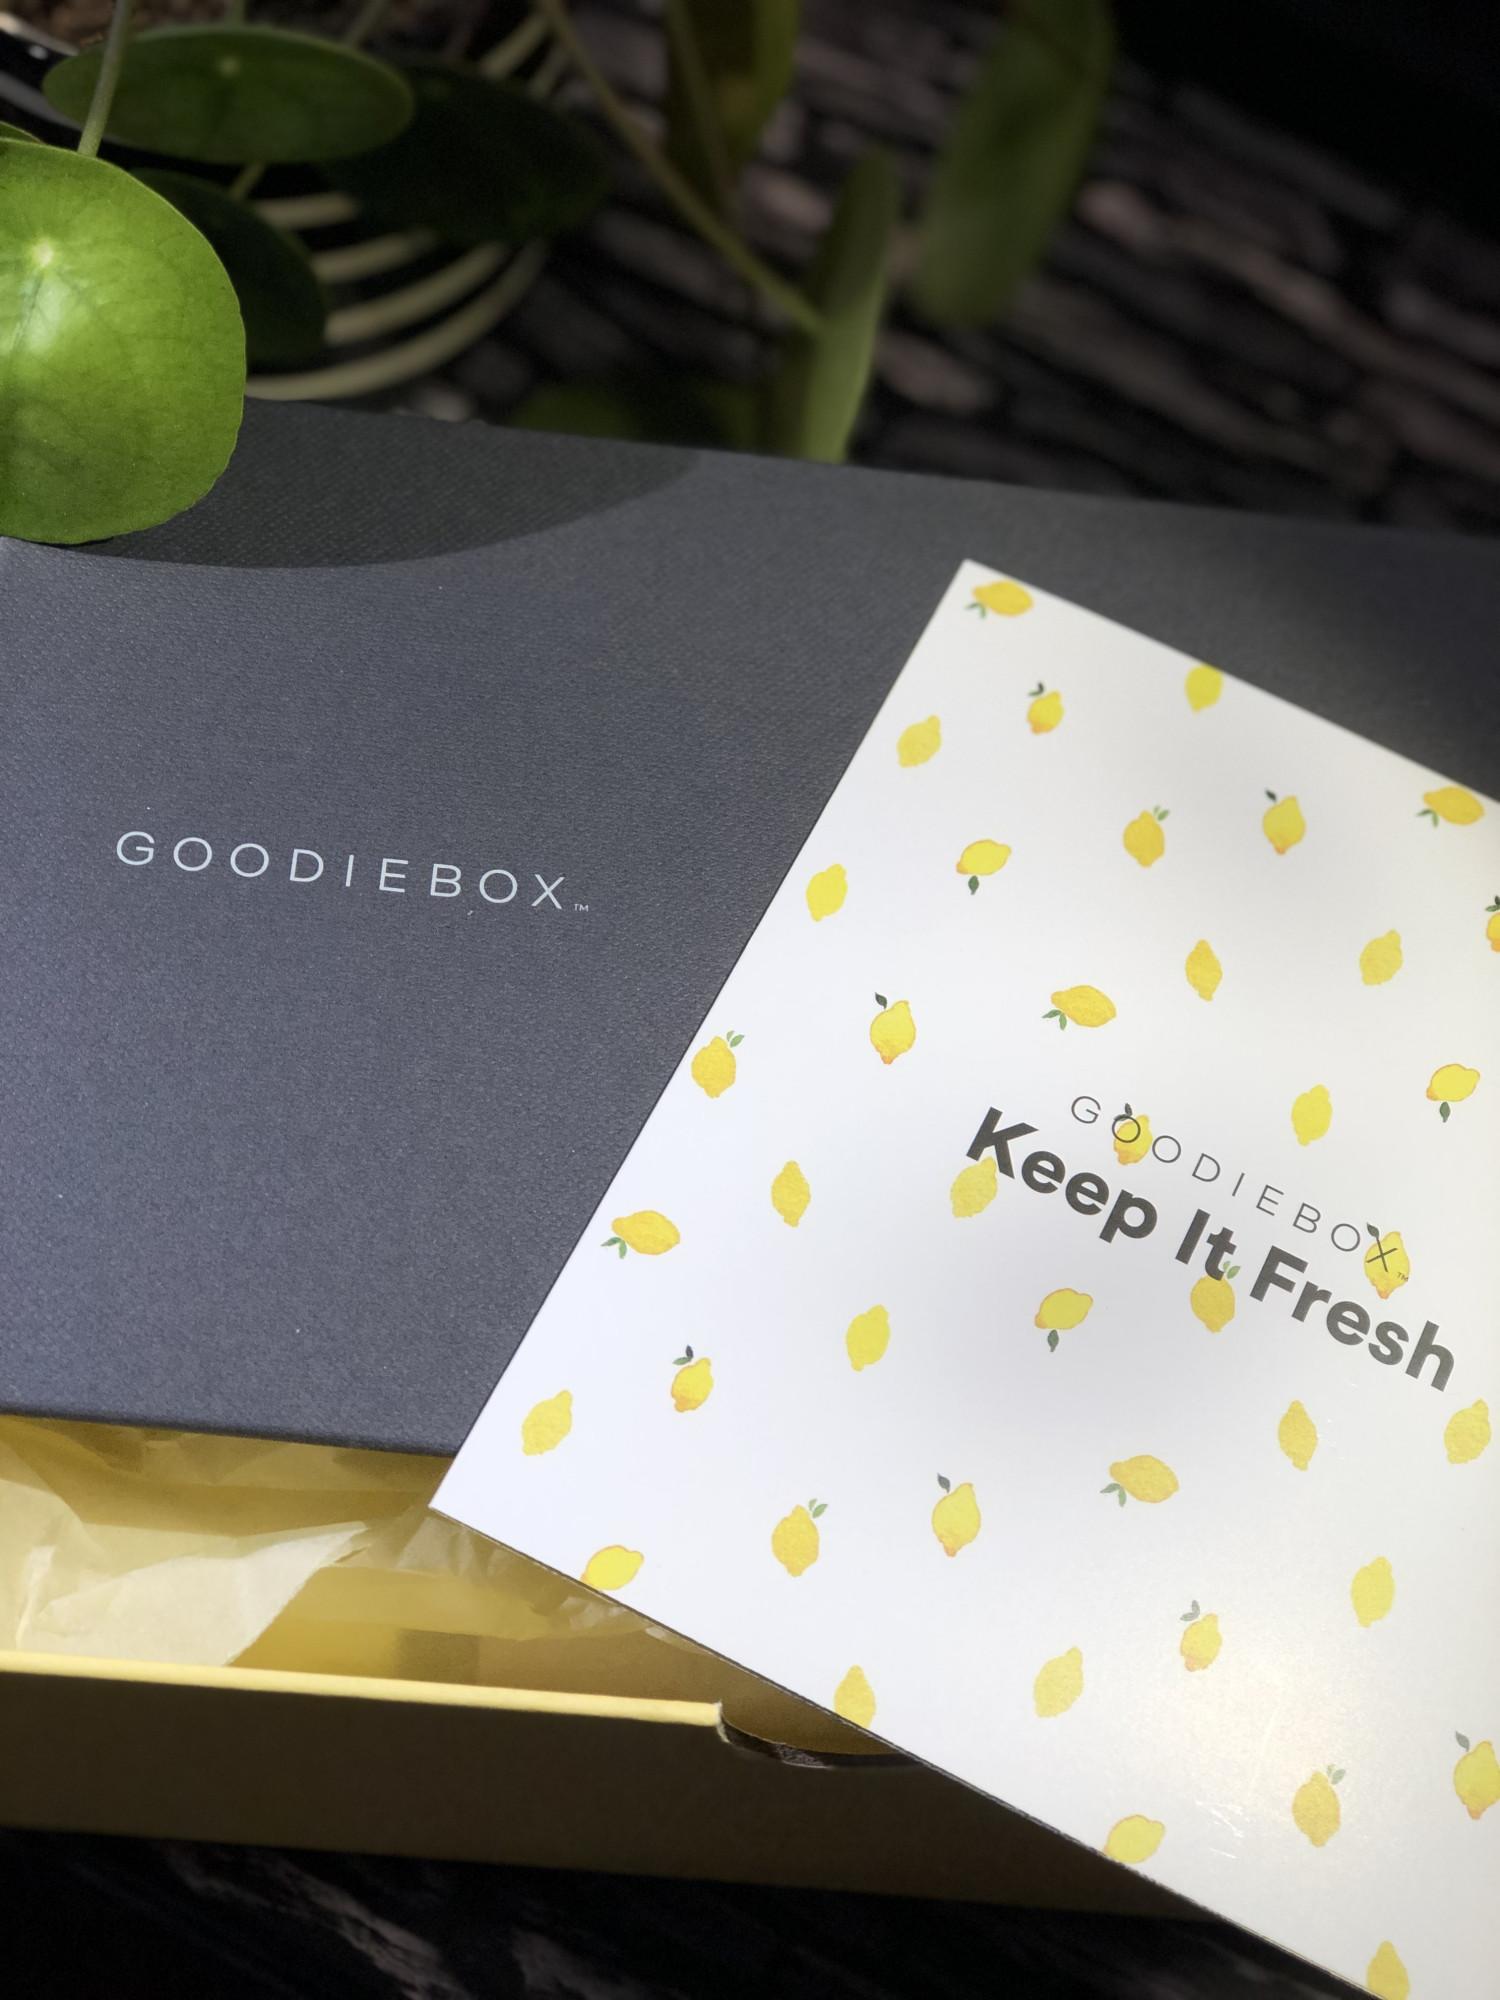 Goodiebox, Goodieboxdk, Goodiebox Danmark, Goodiebox Denmark, Krummes Krumelurer, Krummeskrummelurer, Anmeldelse.